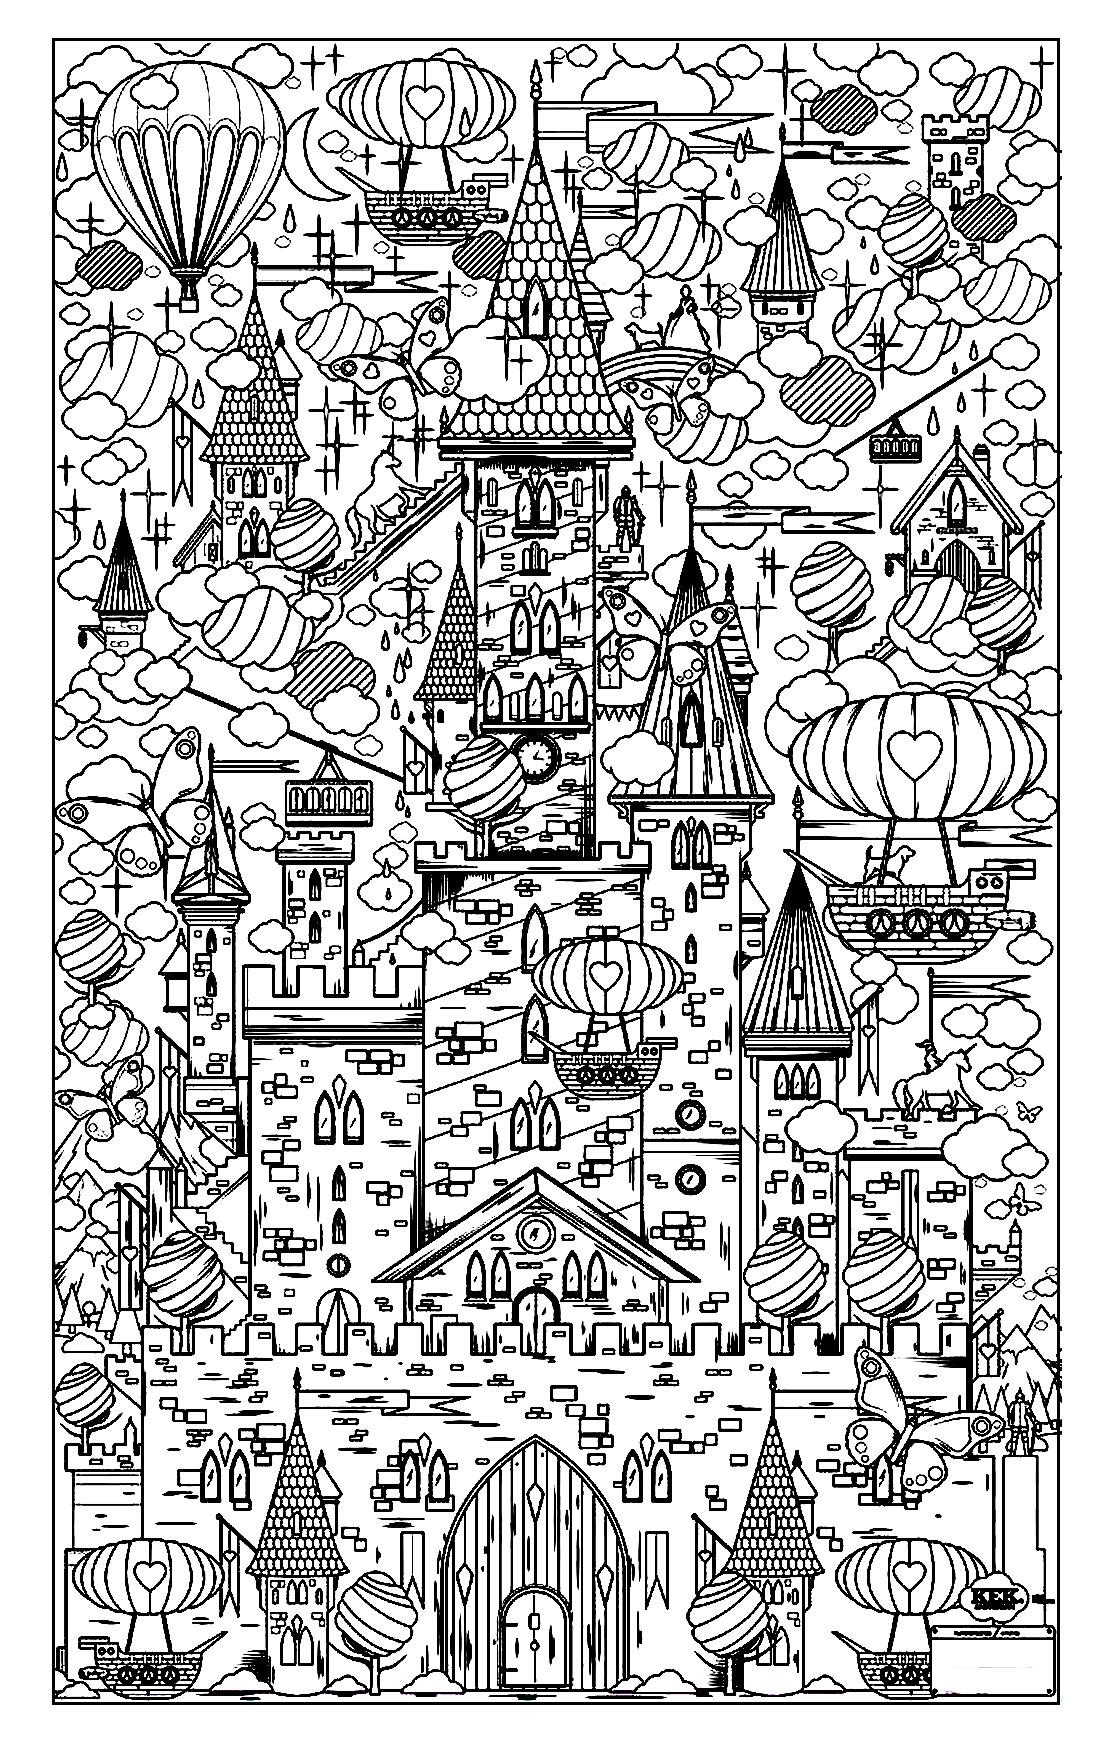 Colorear para adultos : Architecture & home - 16